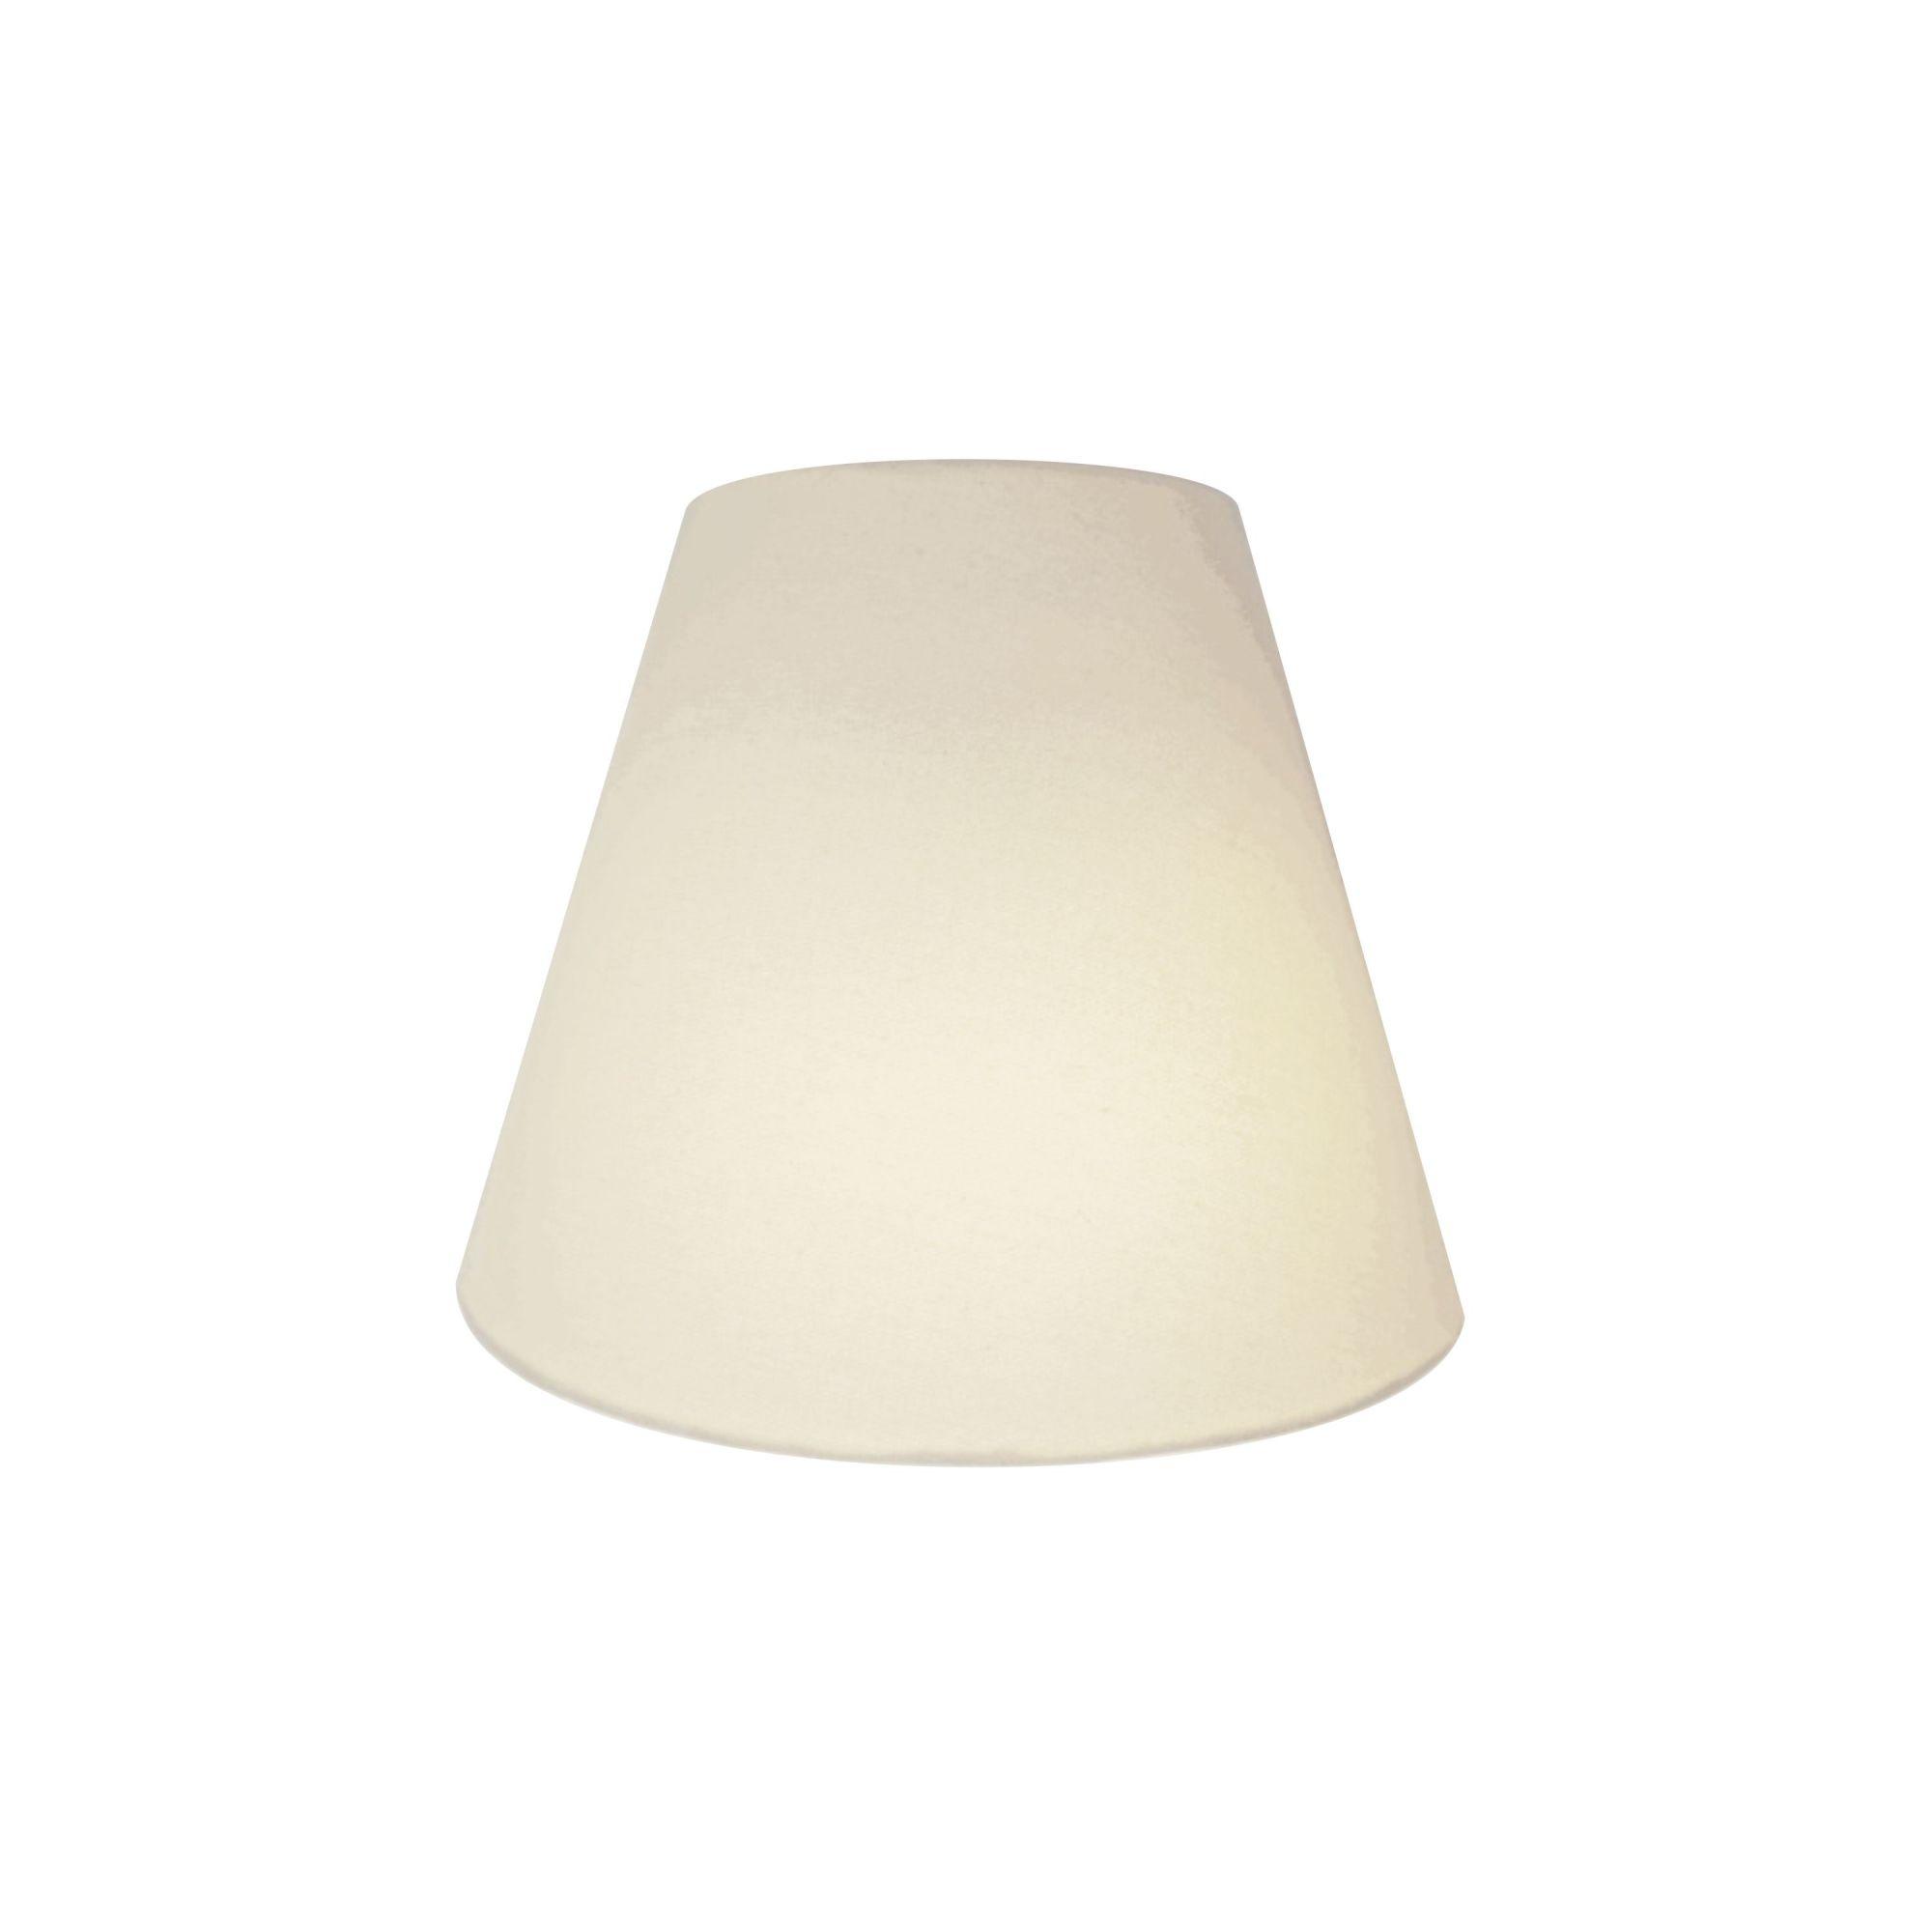 Arandela Retro Cone Md-2001 Cúpula em Tecido 25/26x13cm Branco - Bivolt